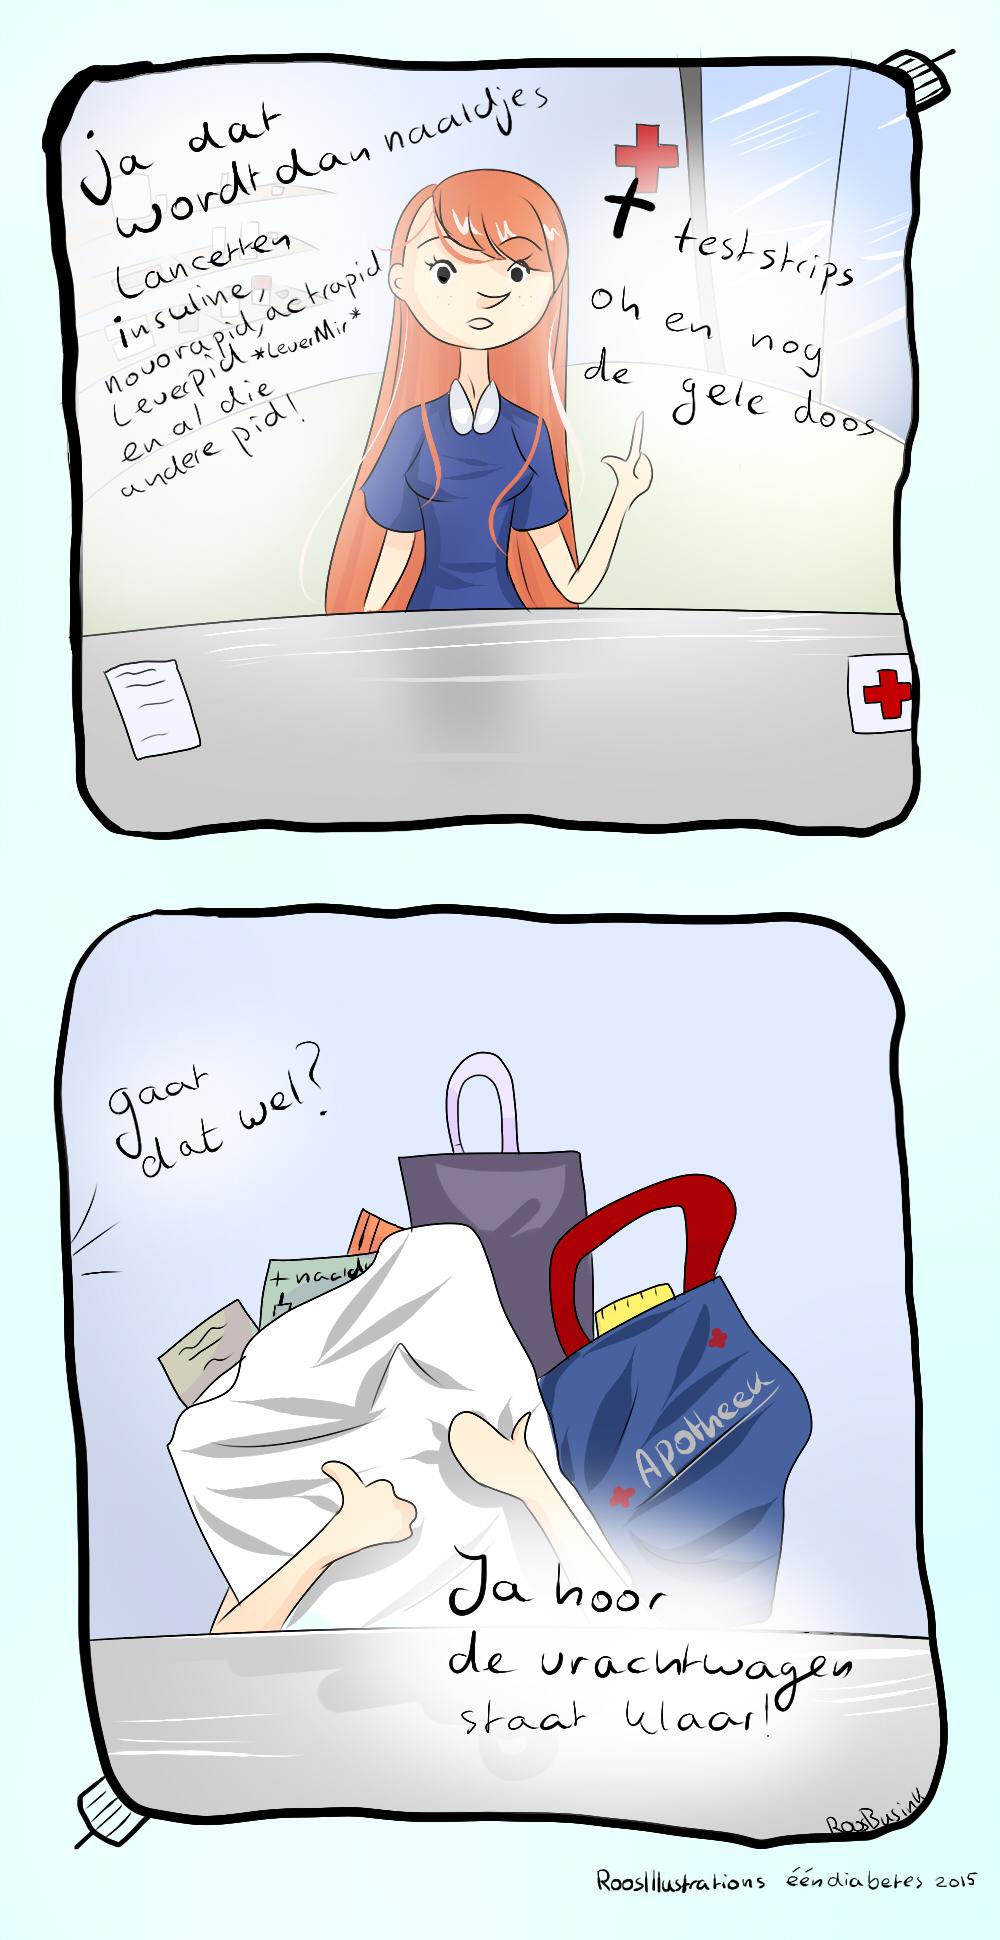 'We nemen je op in het ziekenhuis'